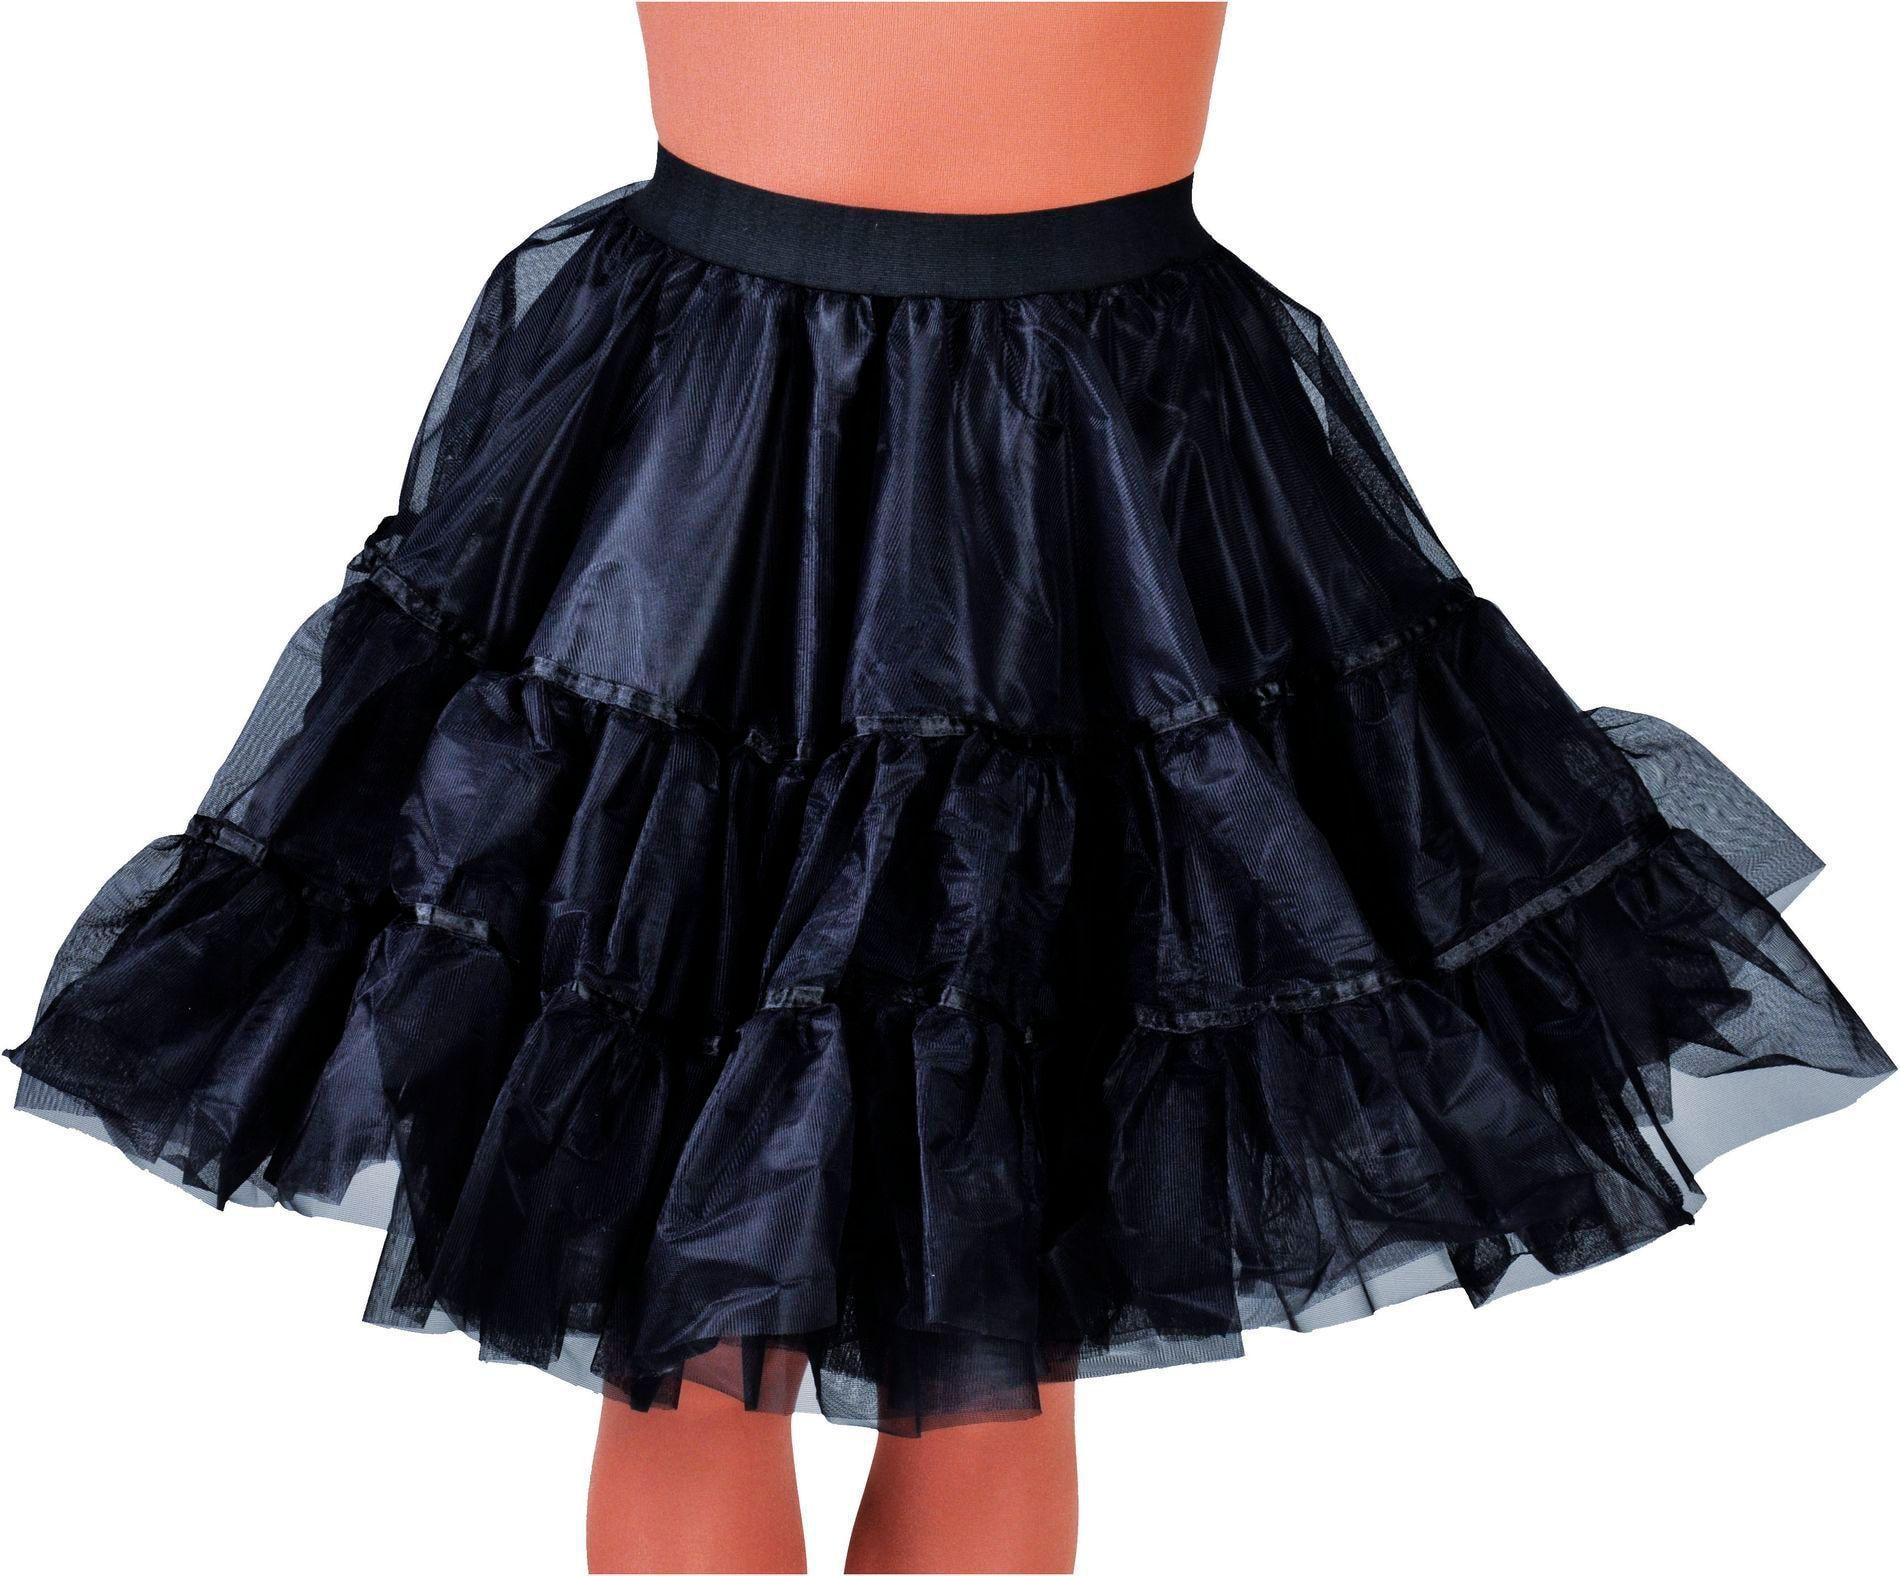 Petticoat zwart dames middel lang